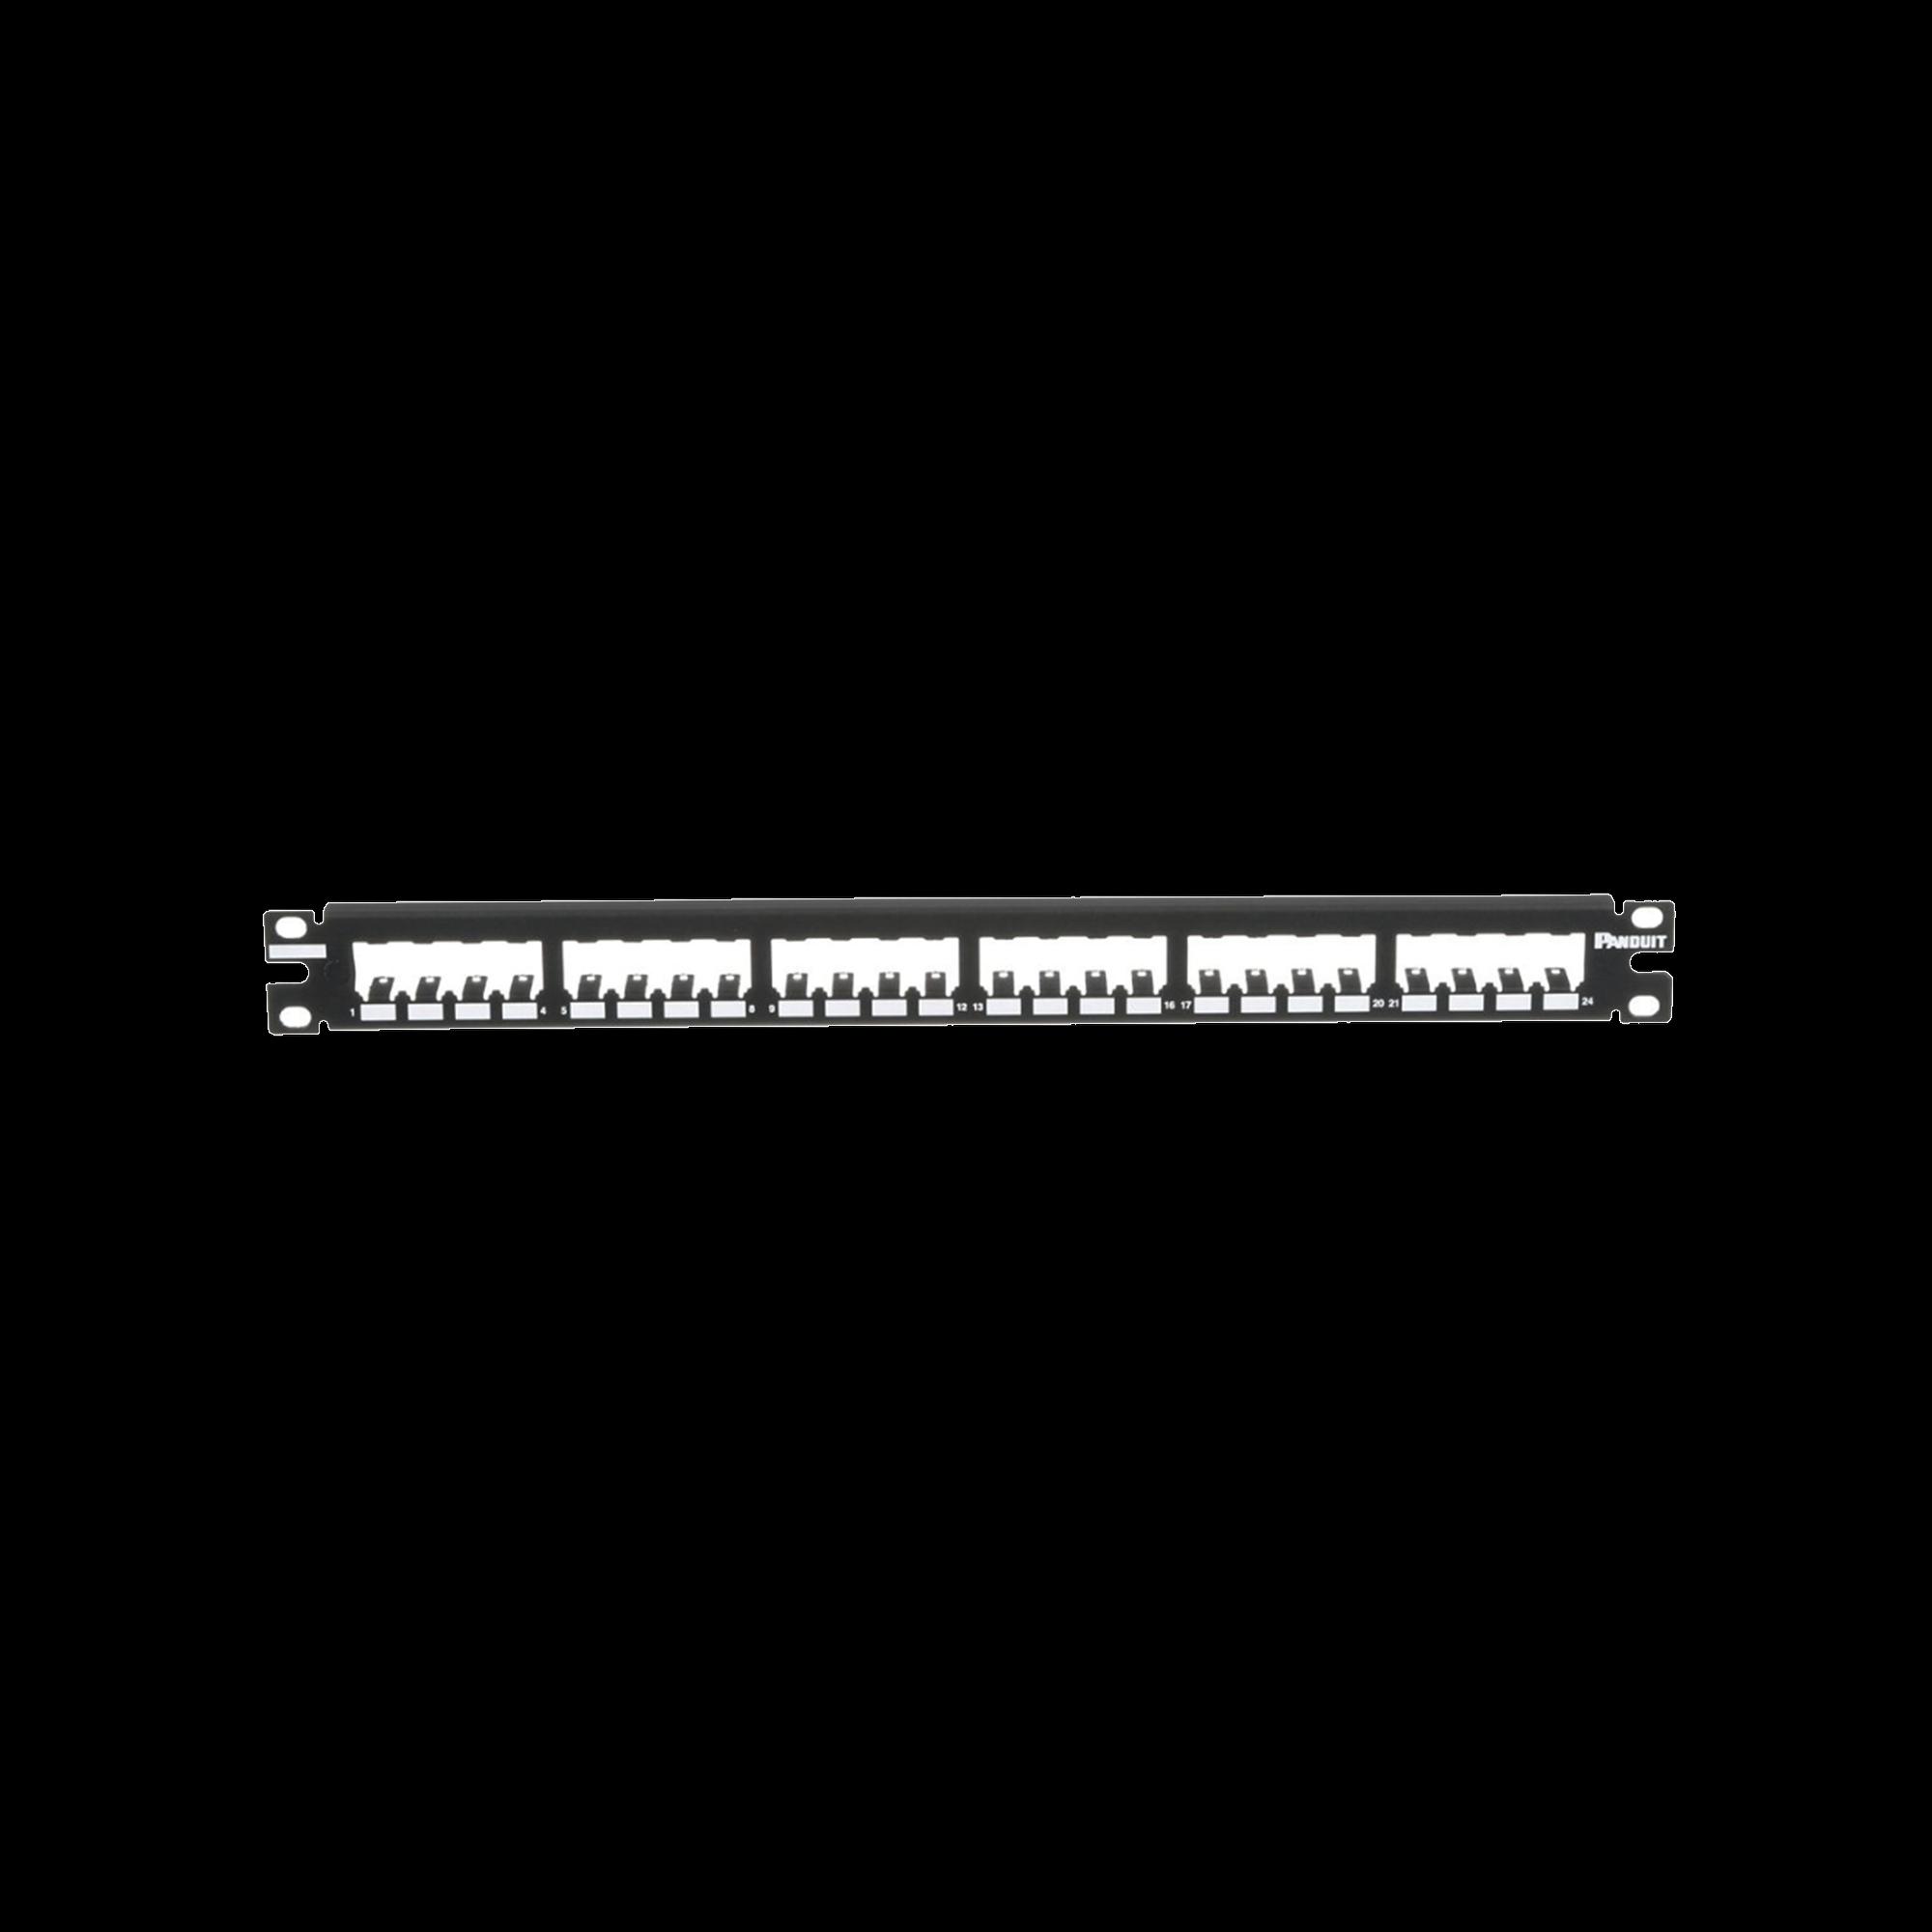 Panel de Parcheo Modular Mini-Com (Sin Conectores), Plano, Totalmente Blindado, de 24 puertos, 1UR